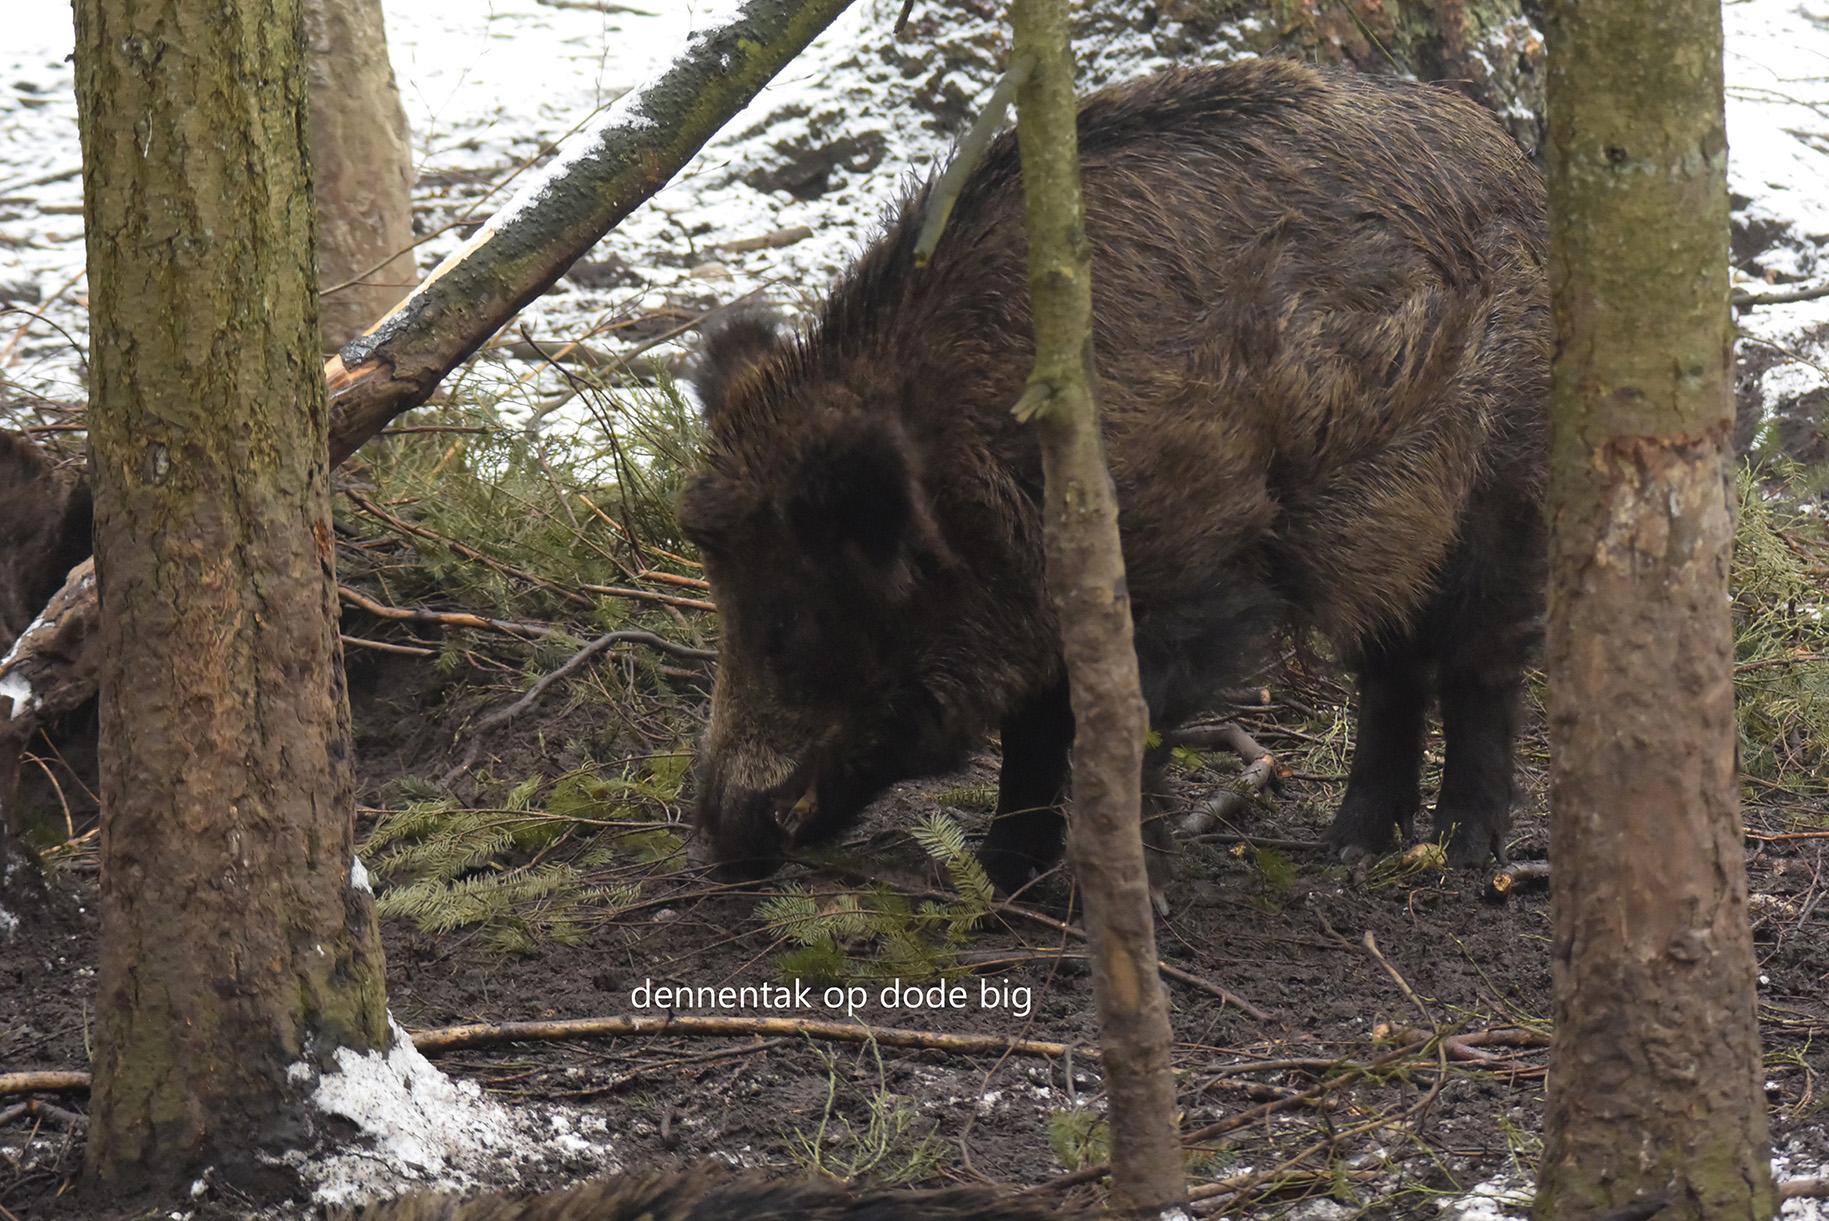 Het dode big is toegedekt met takken - Foto: ©Henry Kats